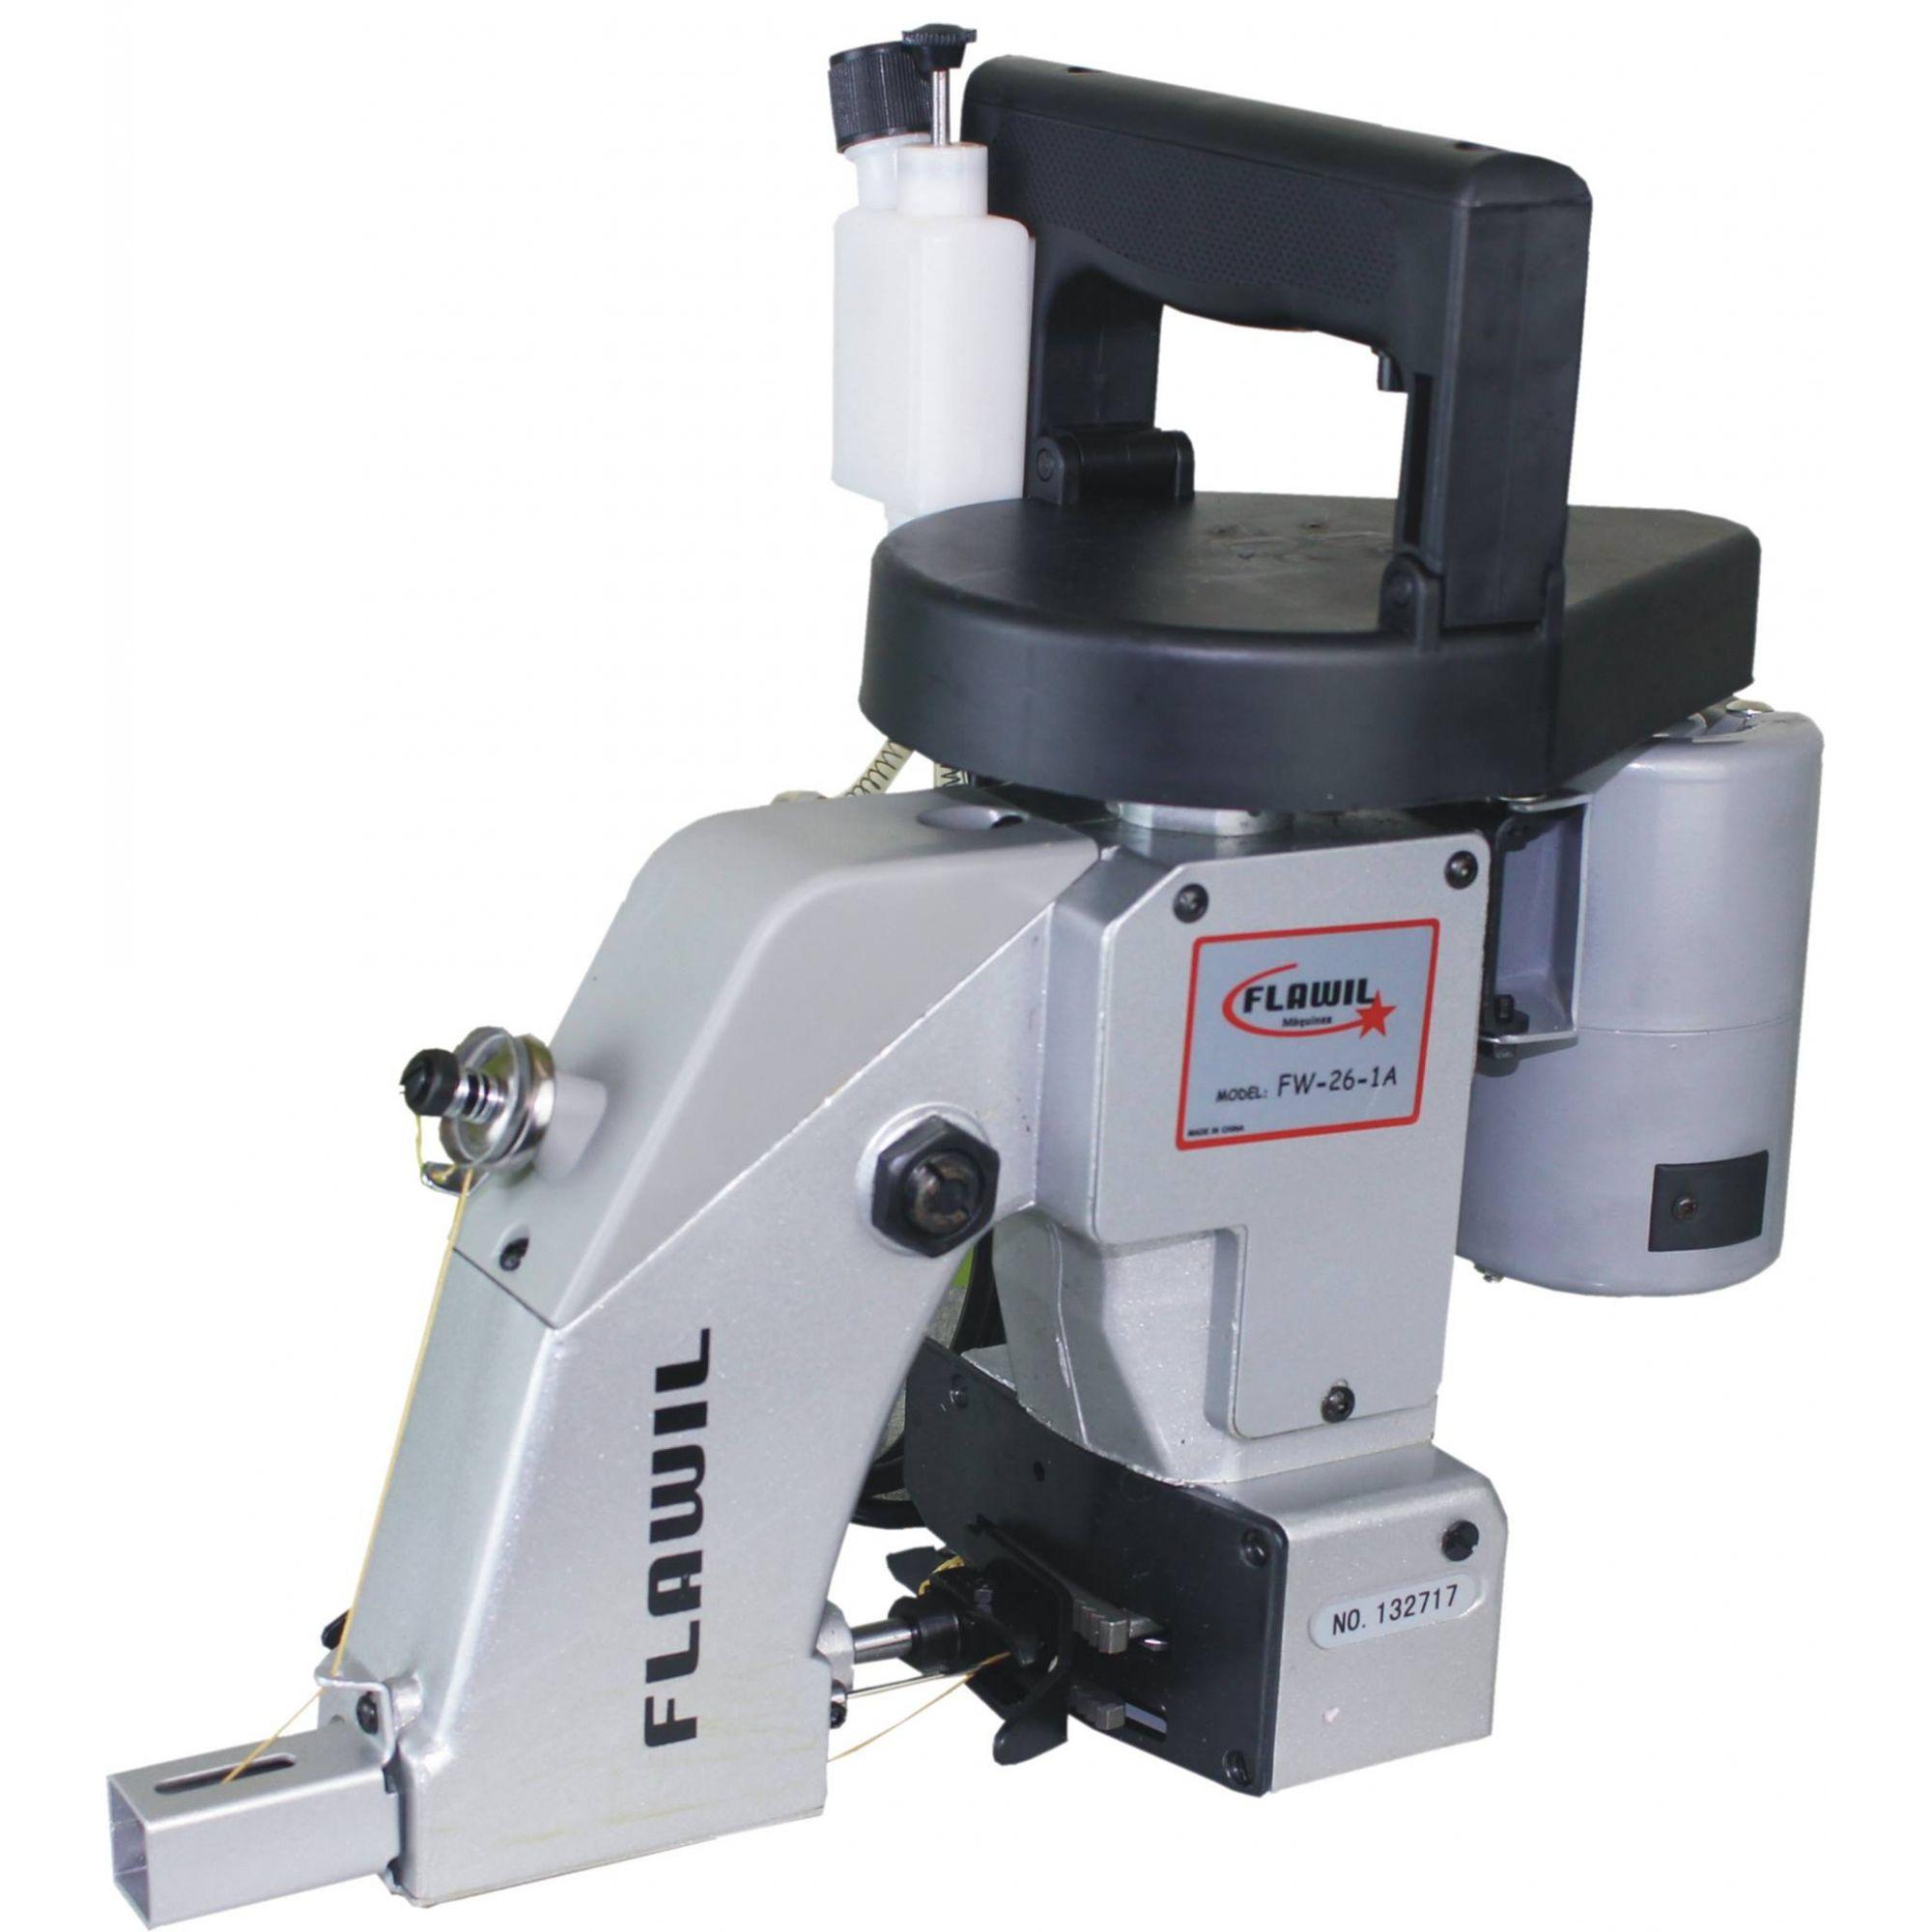 Máquina de Costurar e Fechar Sacos FLAWIL